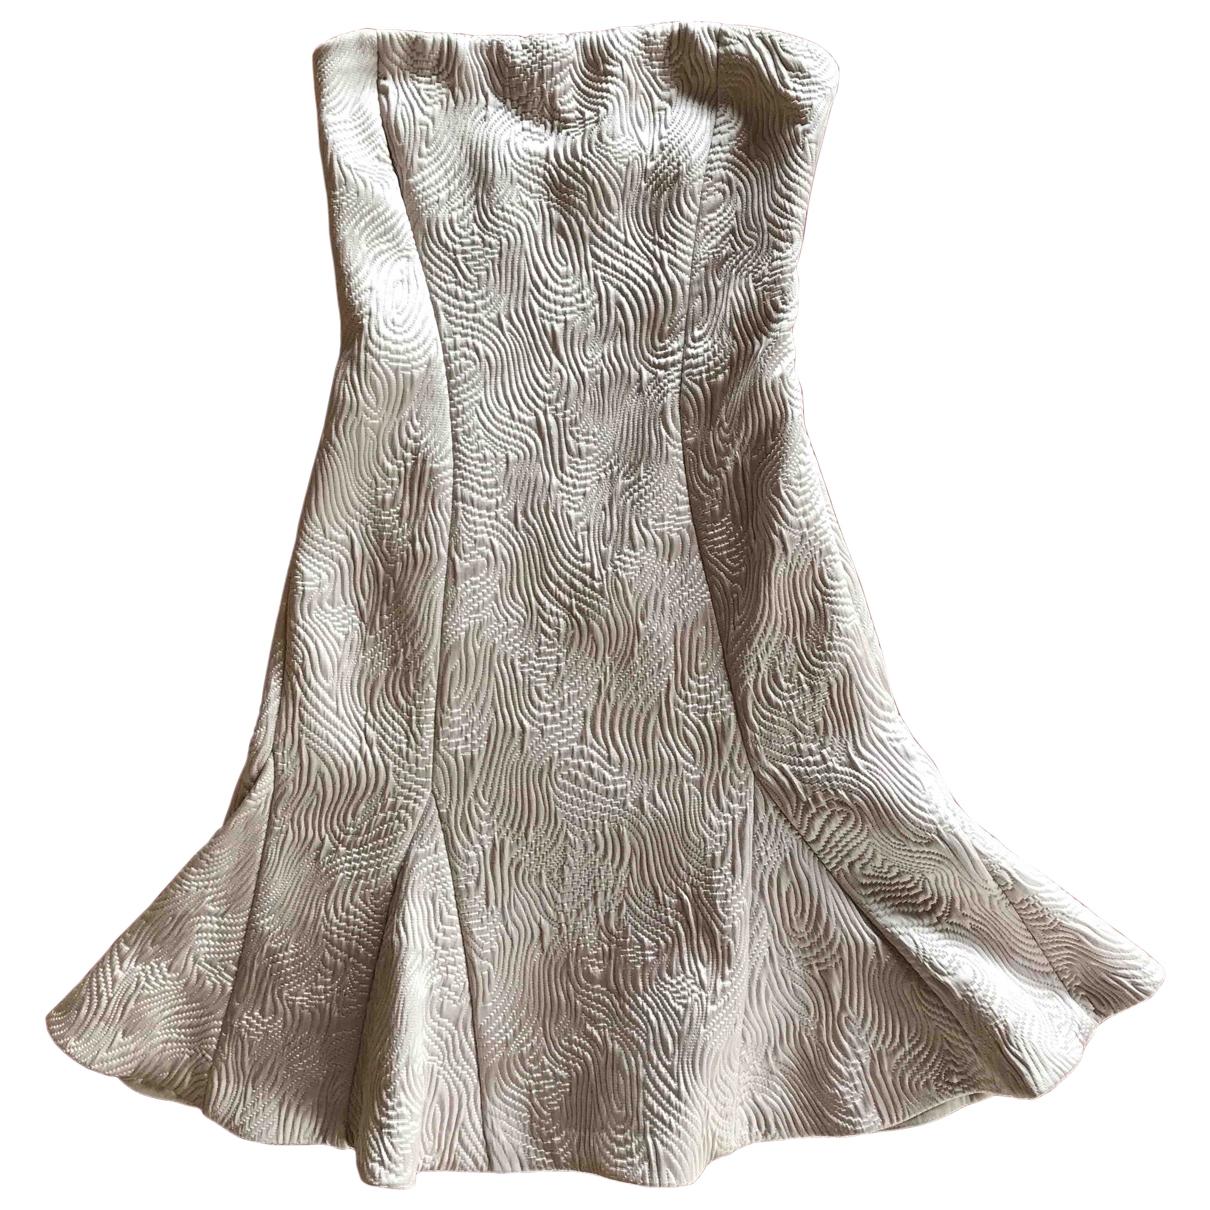 Patrizia Pepe \N Ecru dress for Women 38 IT